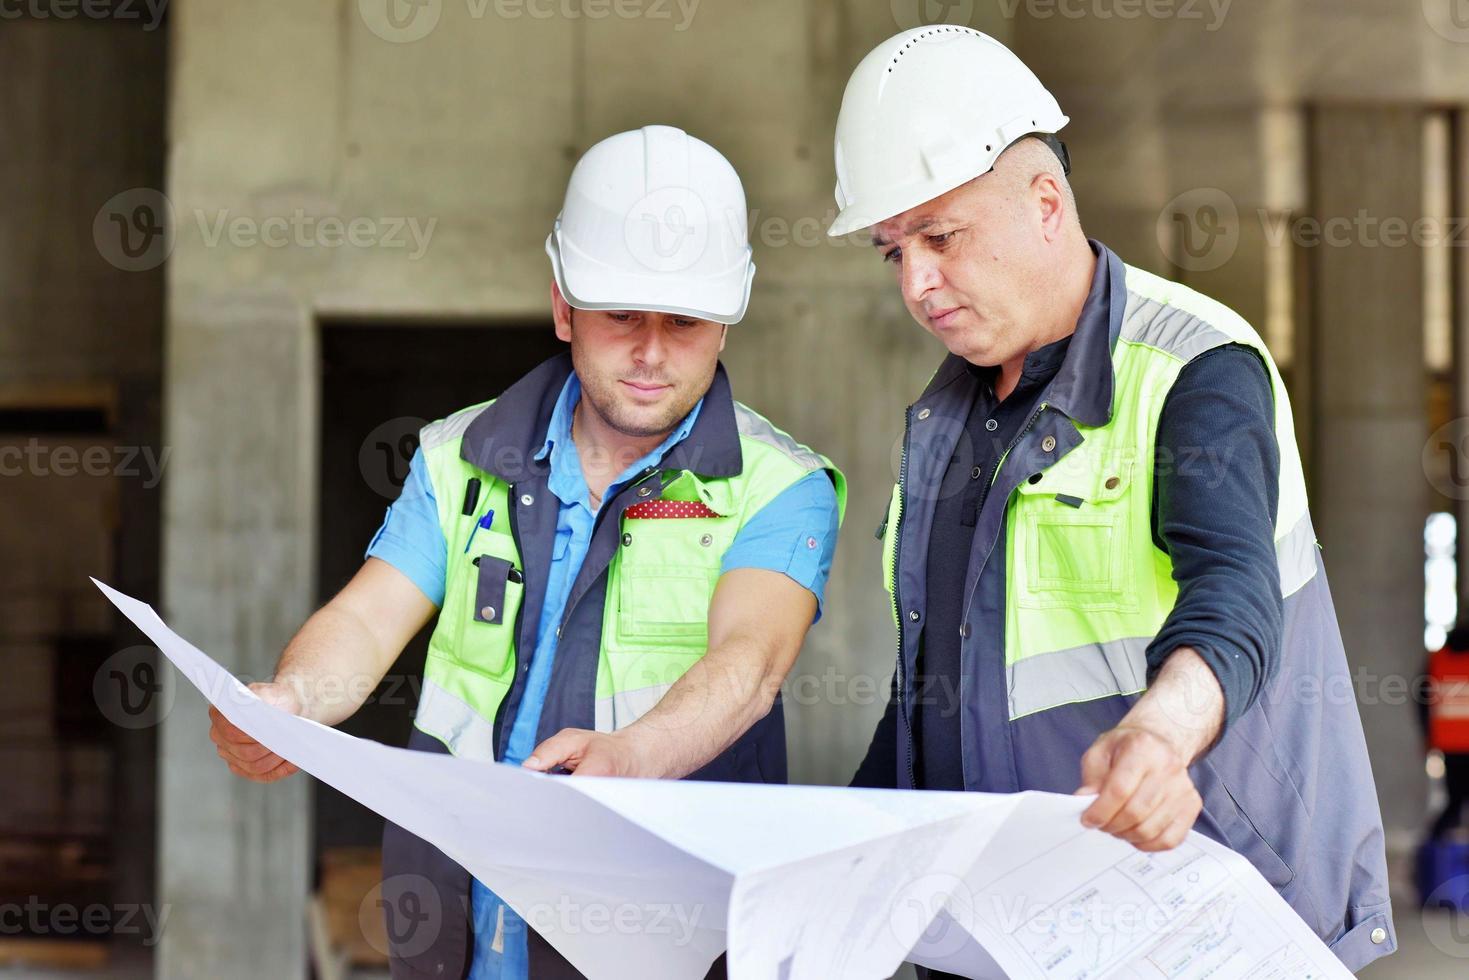 engenheiro civil e capataz sênior no canteiro de obras foto